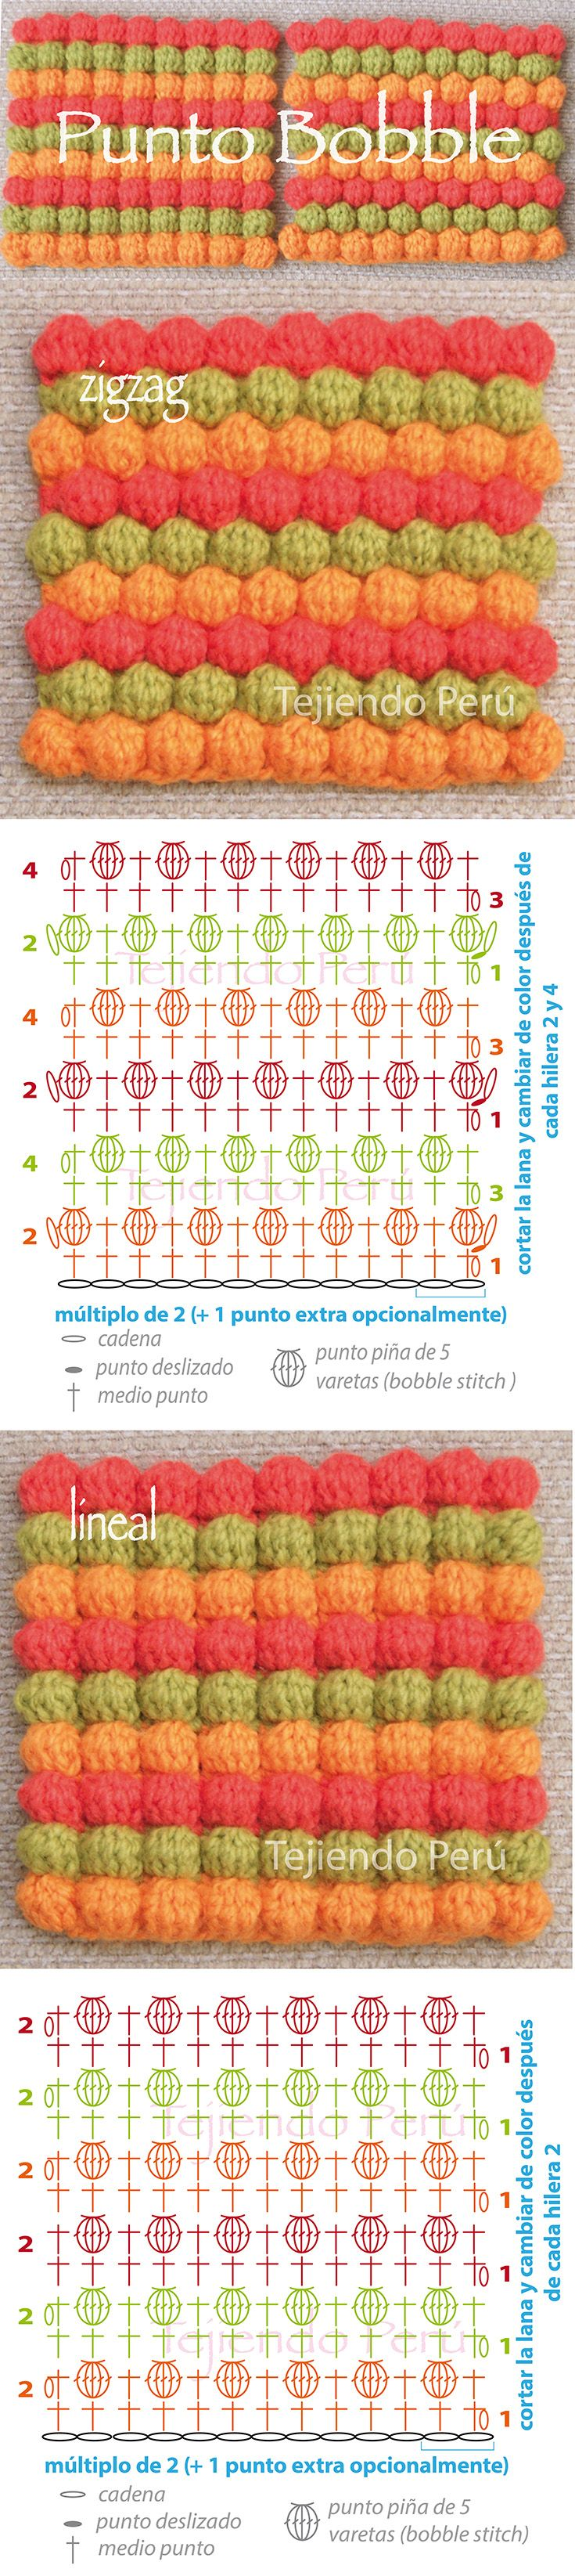 Punto bobble o puff tejido a crochet en zigzag y en forma lineal (diagramas!)